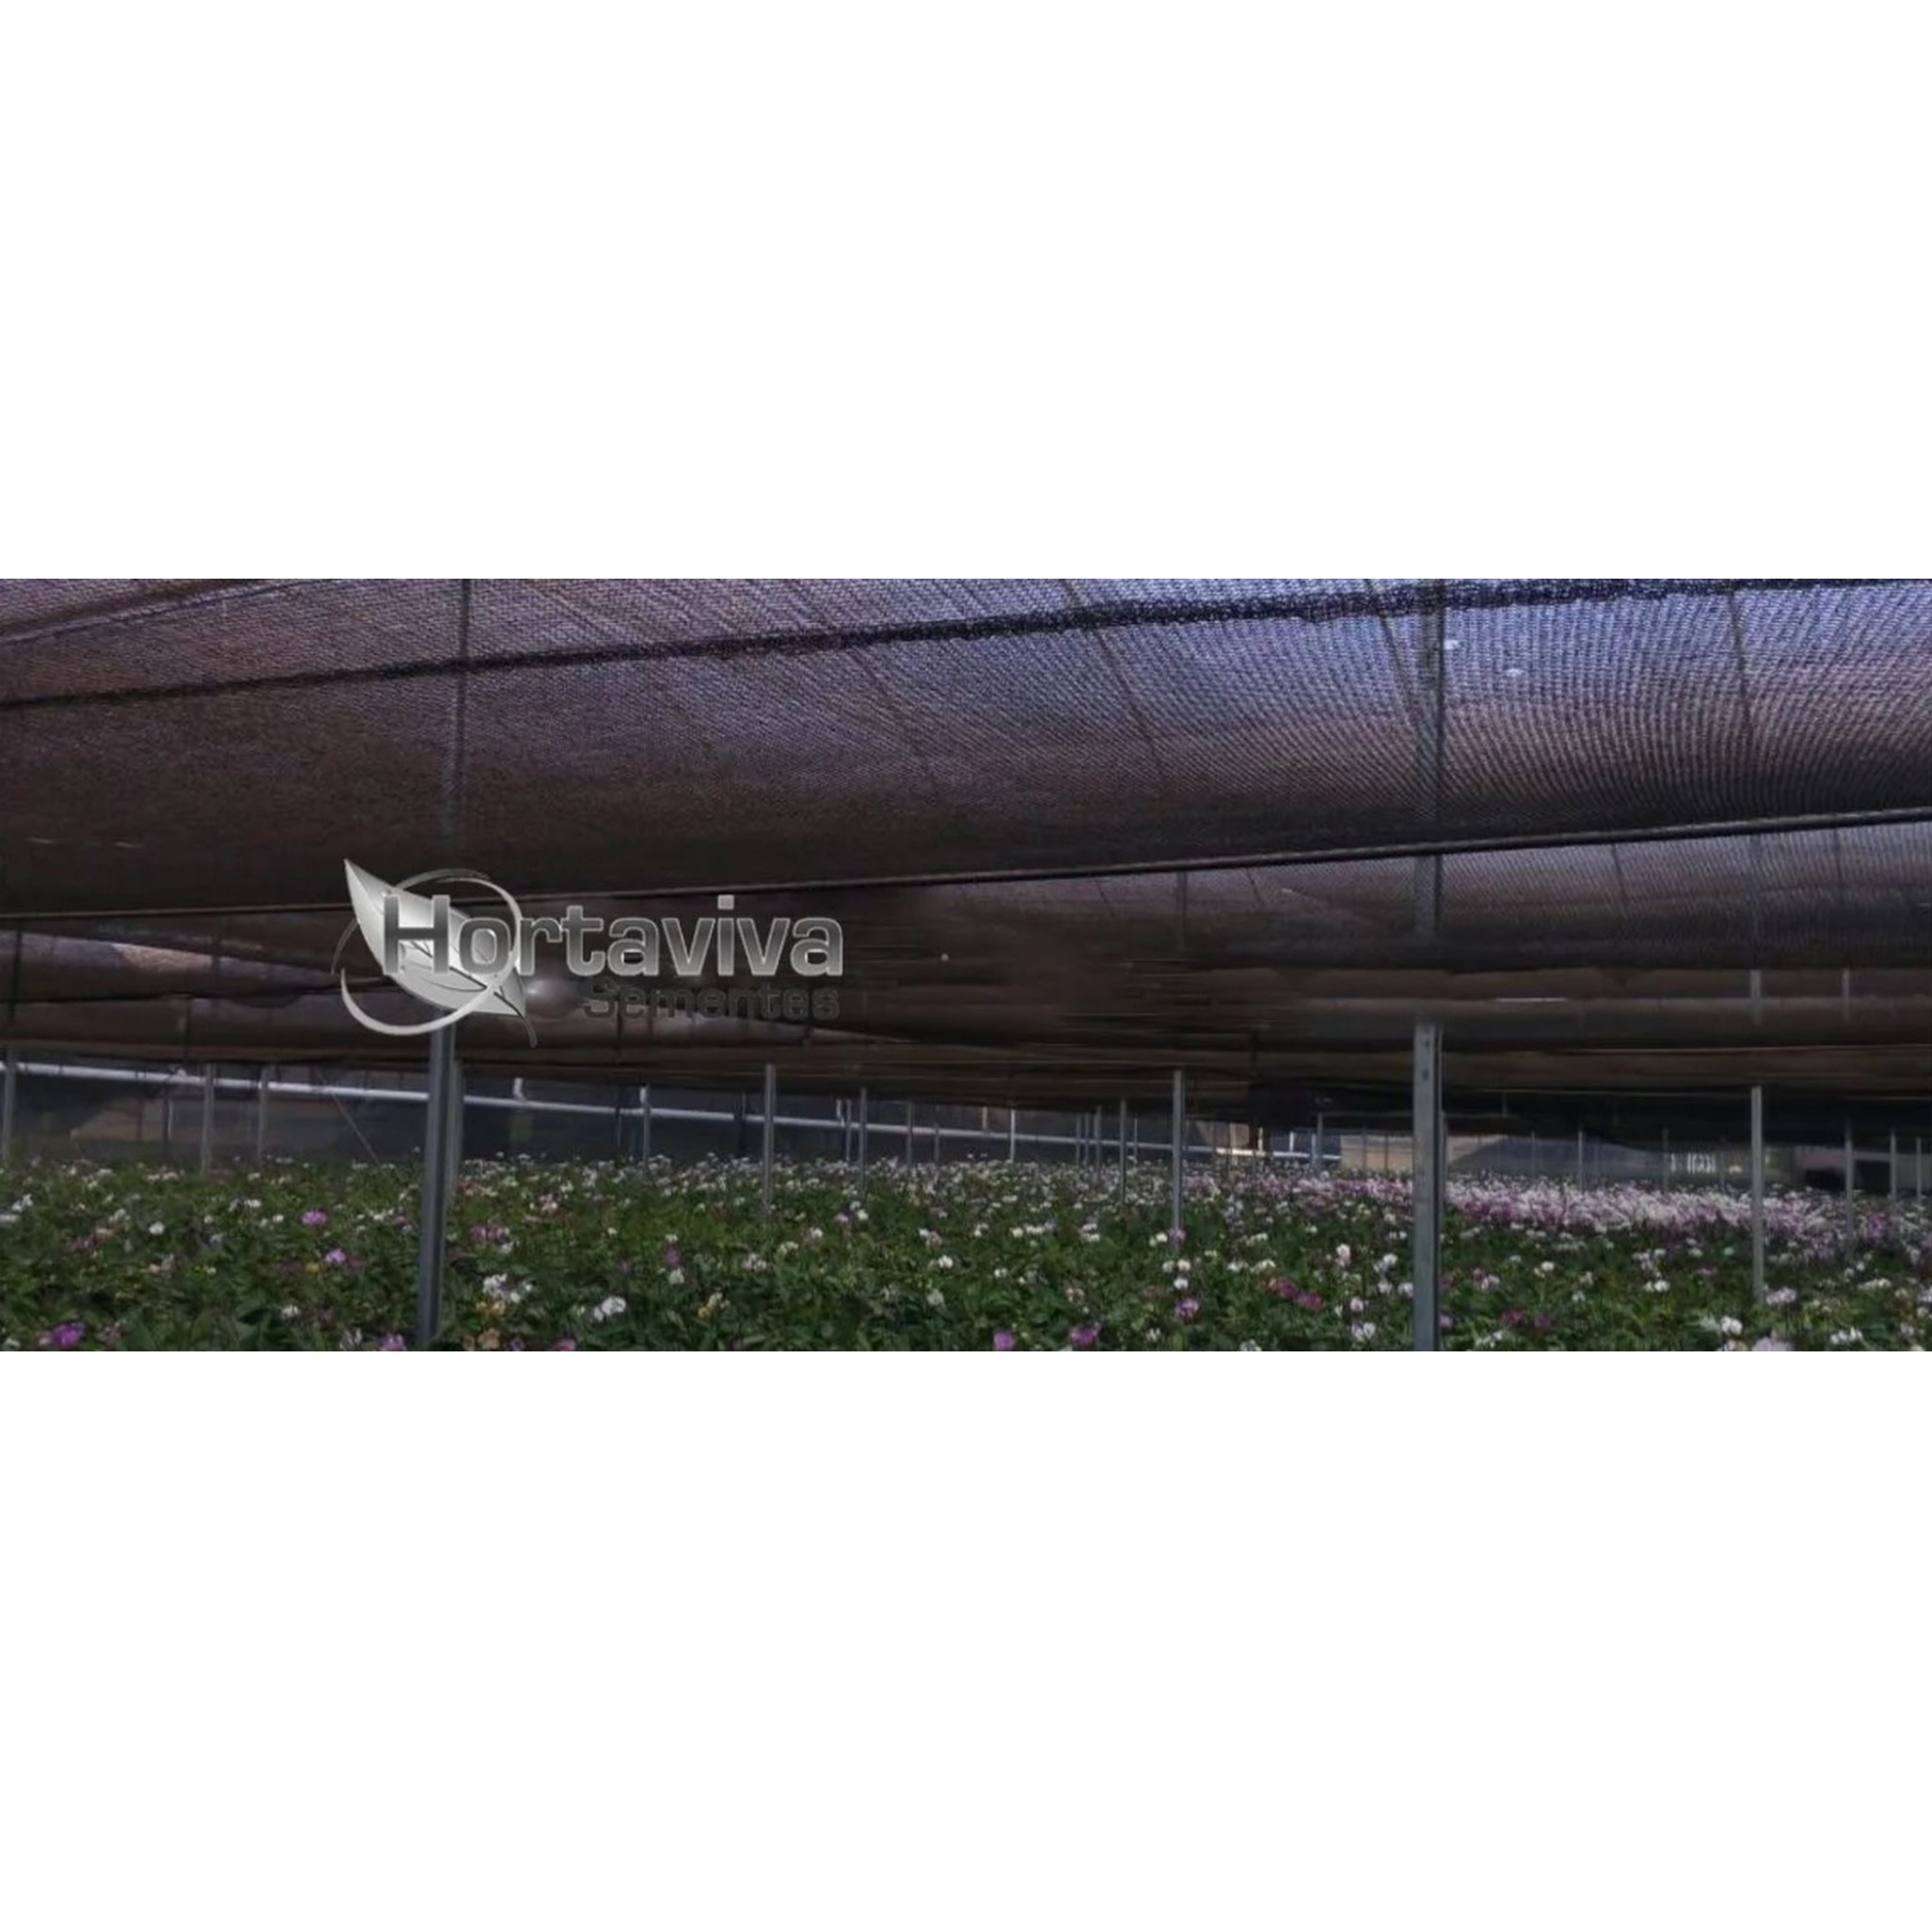 Tela de Sombreamento Preta 50% - 4 Metros x 100 Metros